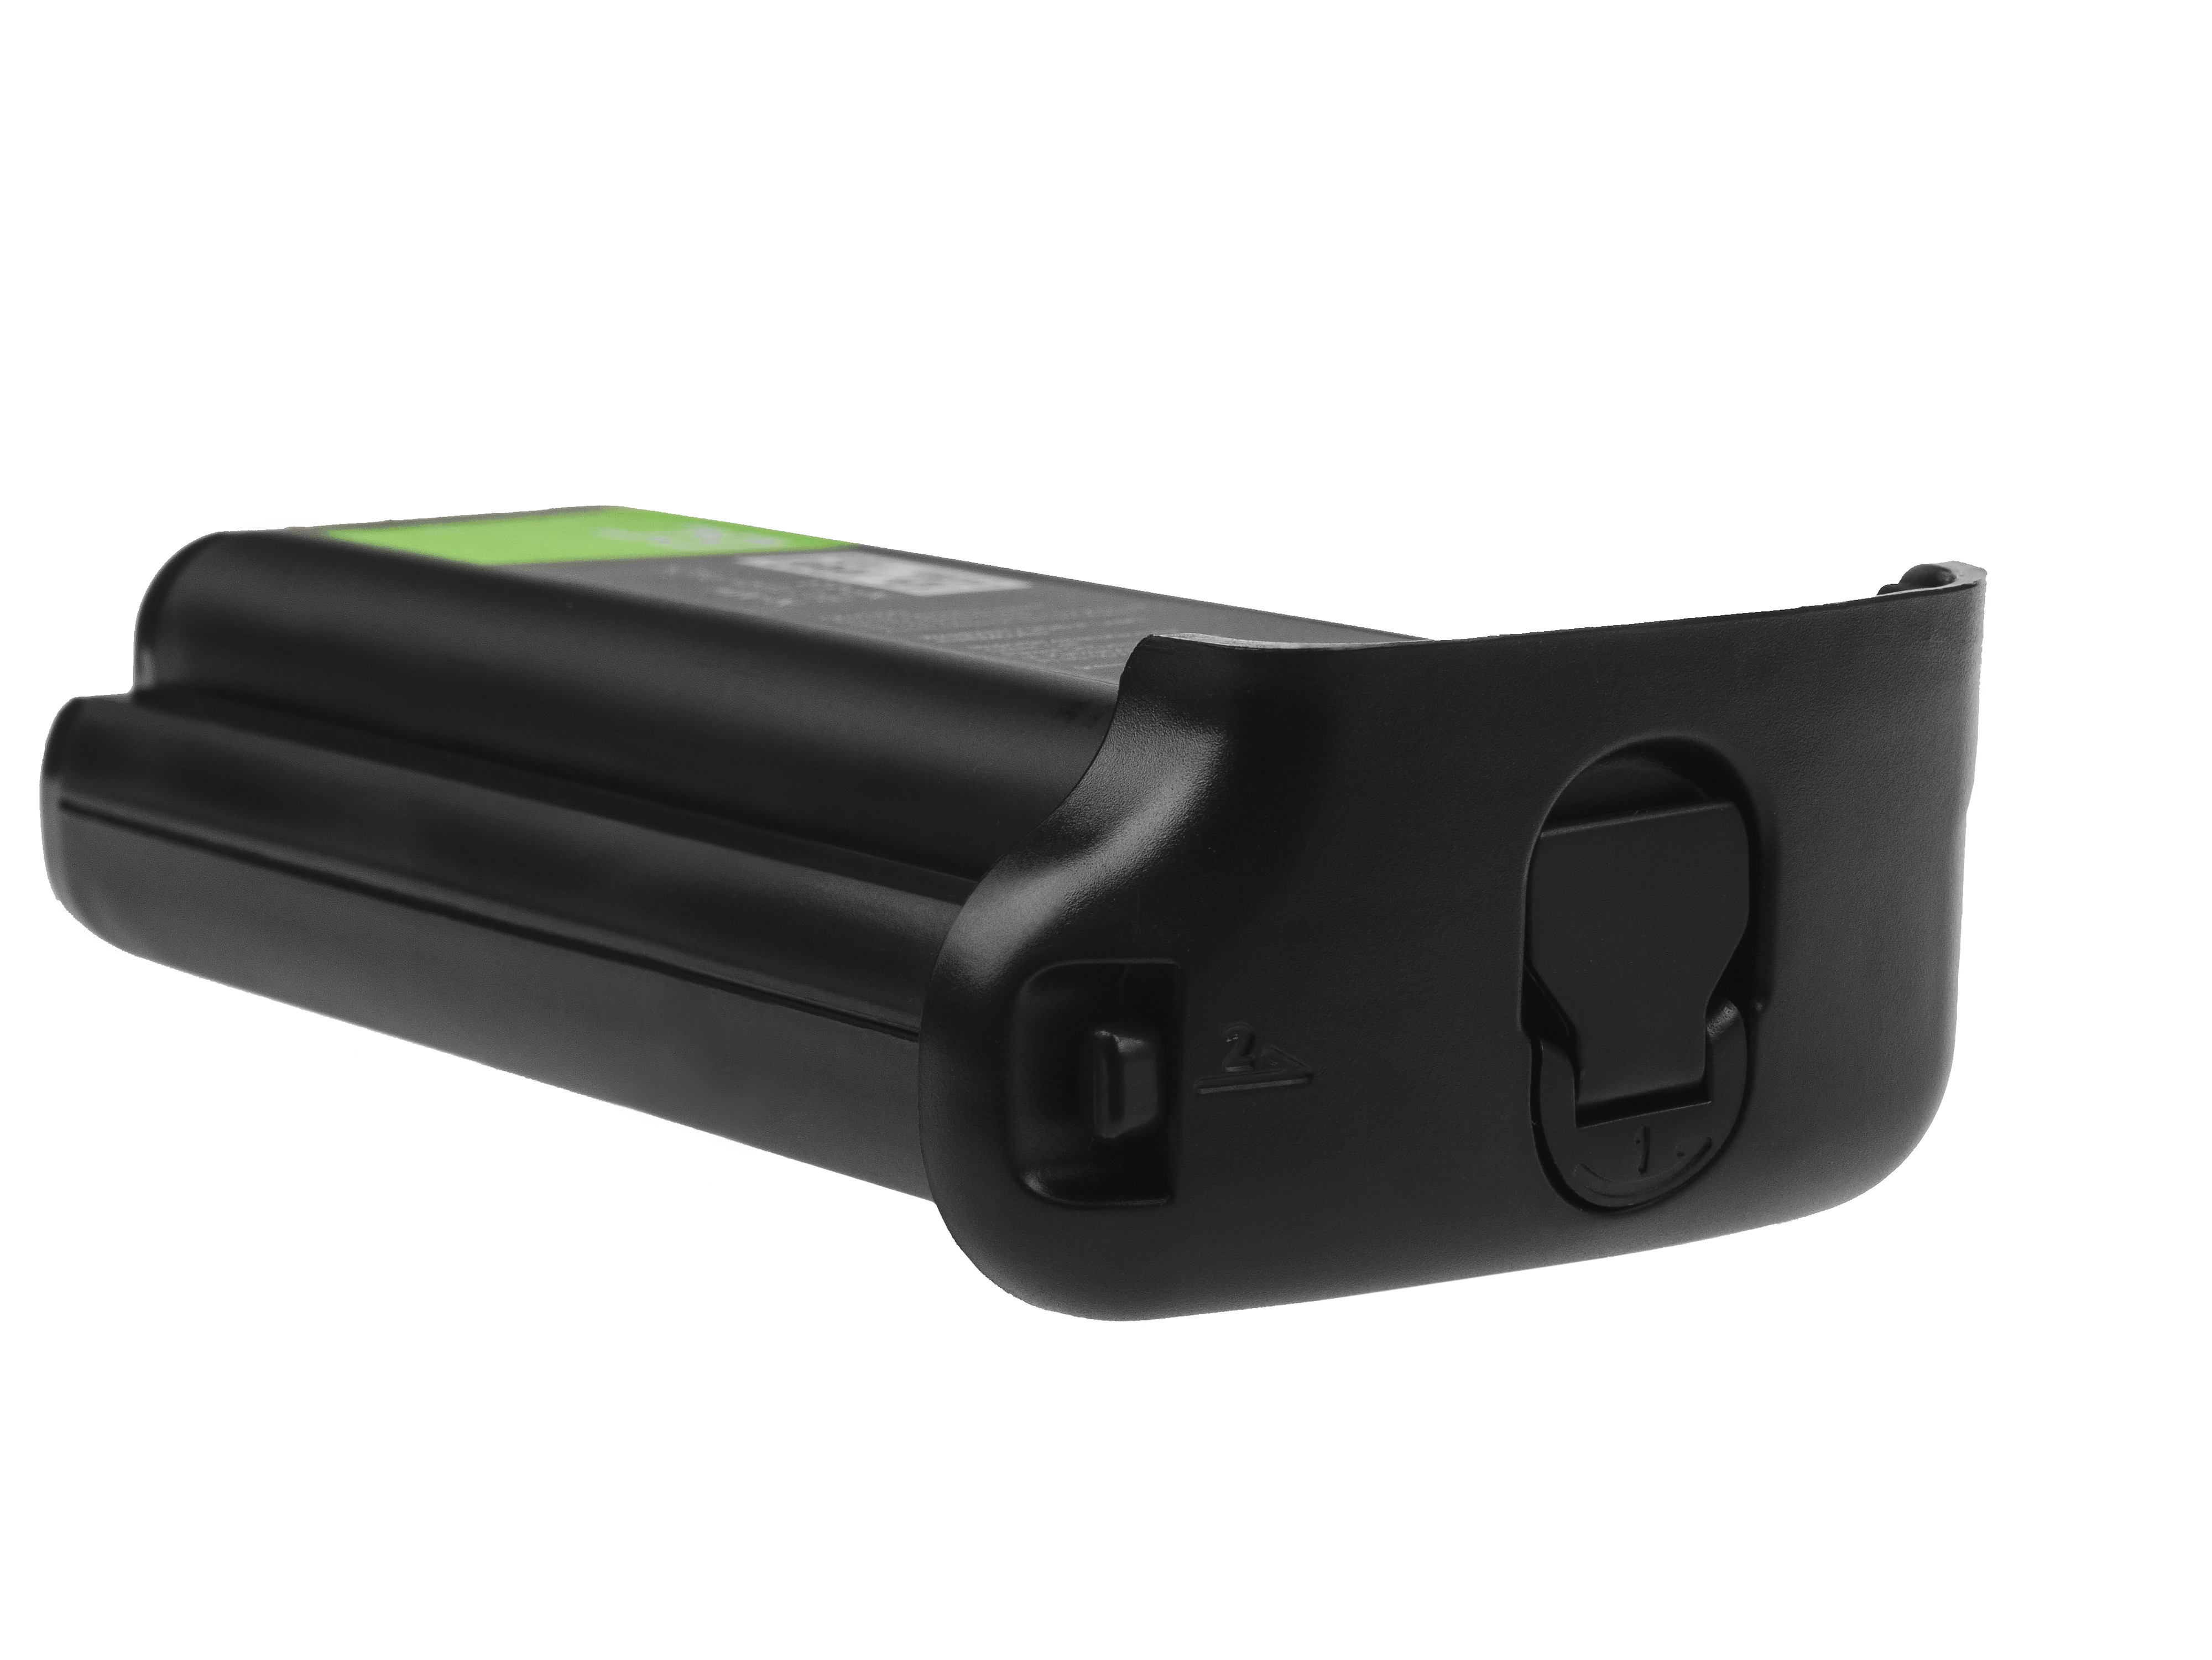 Baterie Green Cell Canon NP-E3 NPE3, pro Canon EOS-1D Mark II, Canon EOS-1Ds Mark II 12V 1800mAh Ni-Mh - neoriginální